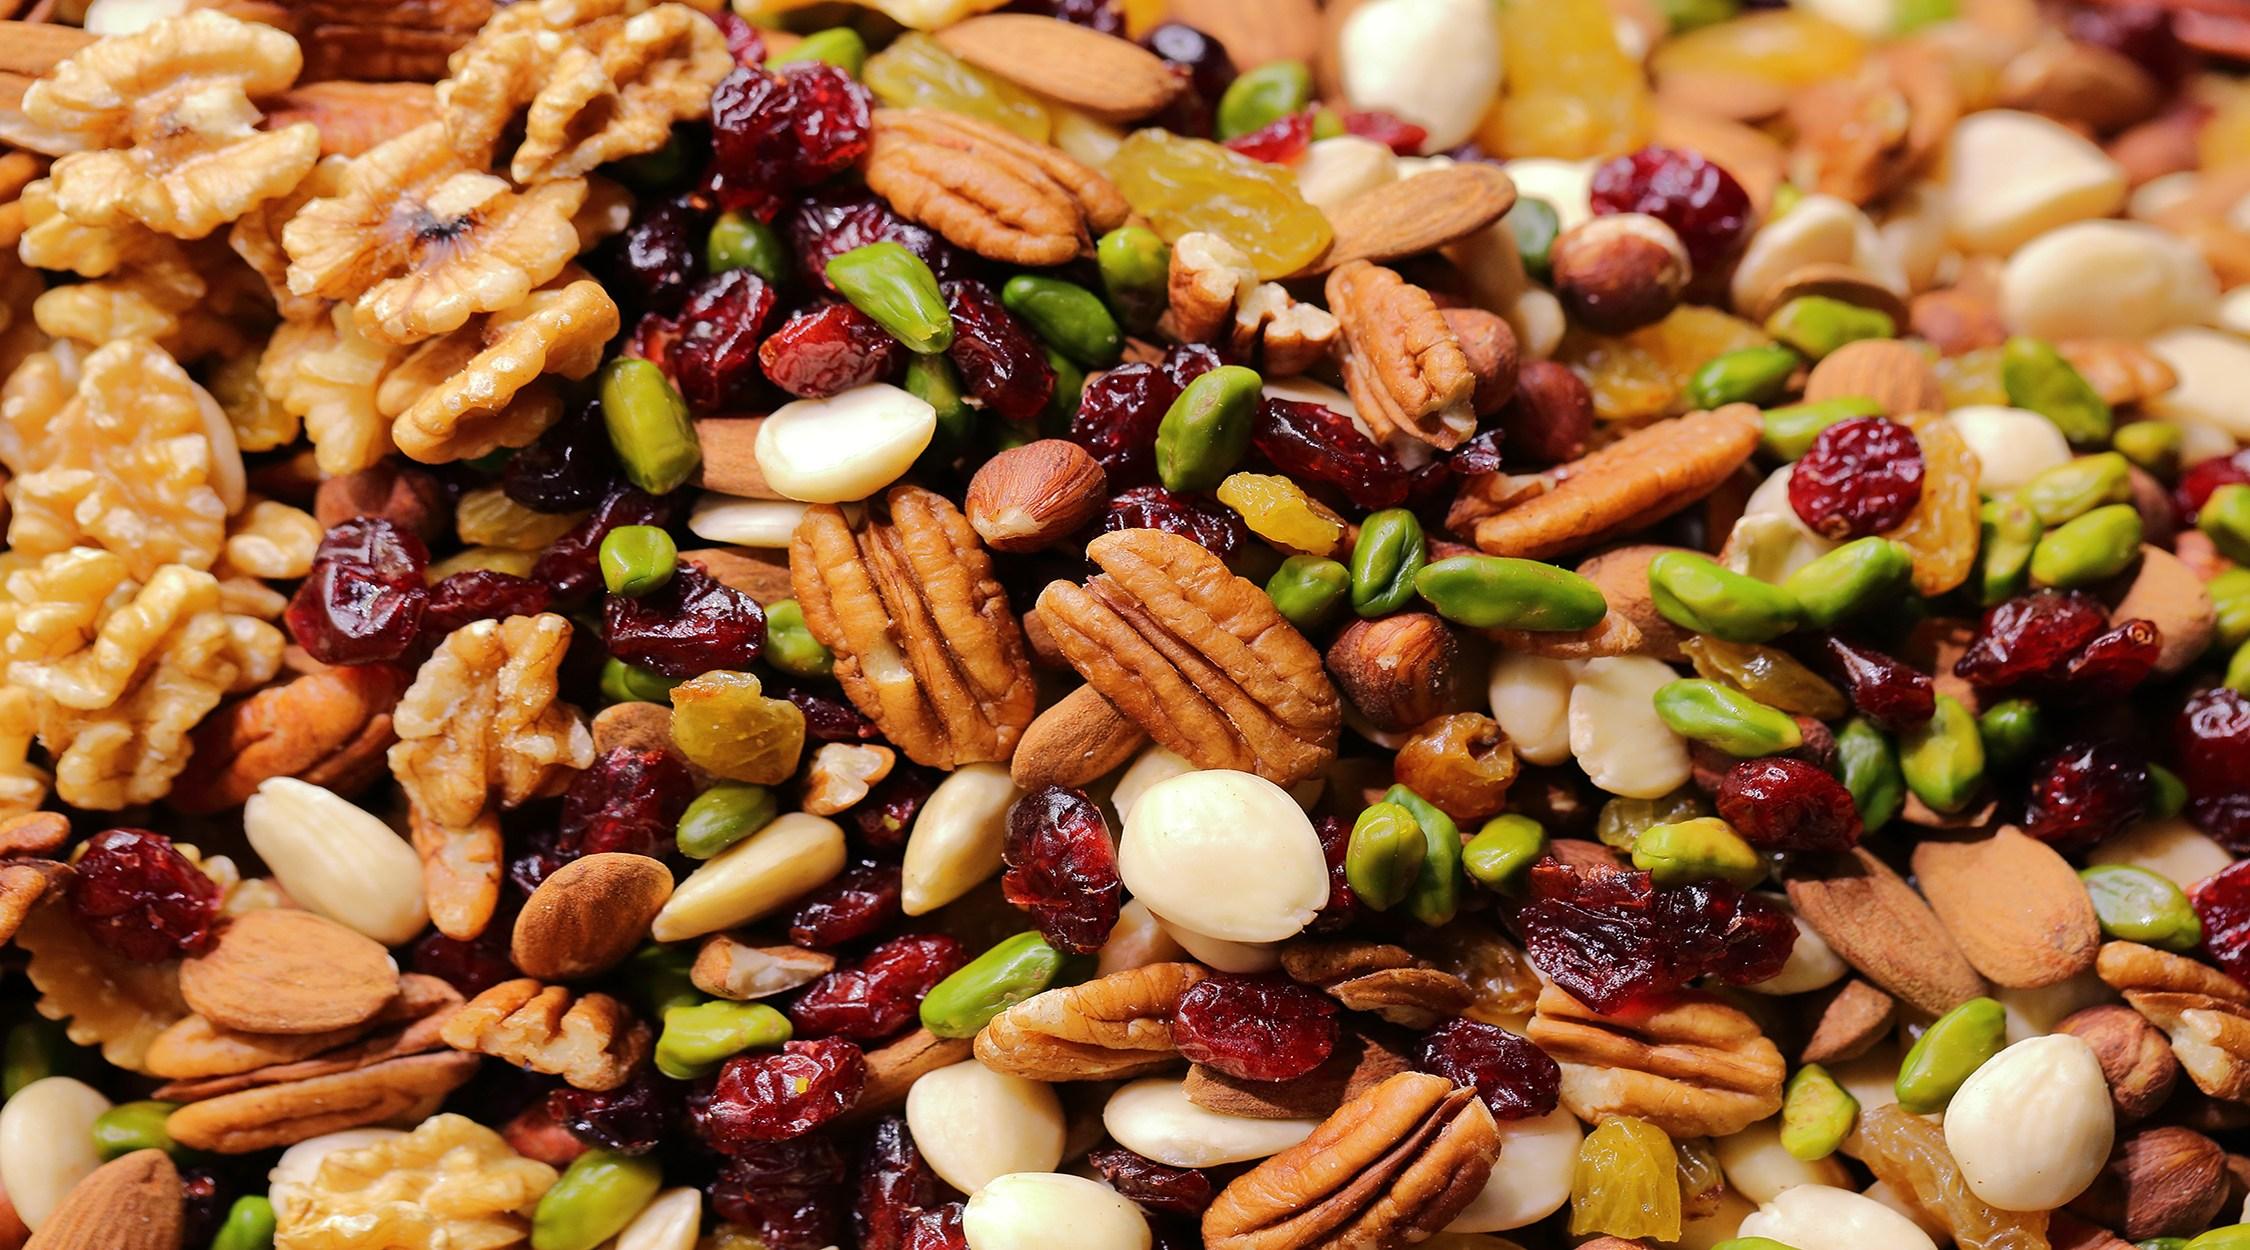 frutta secca 2250-compressed